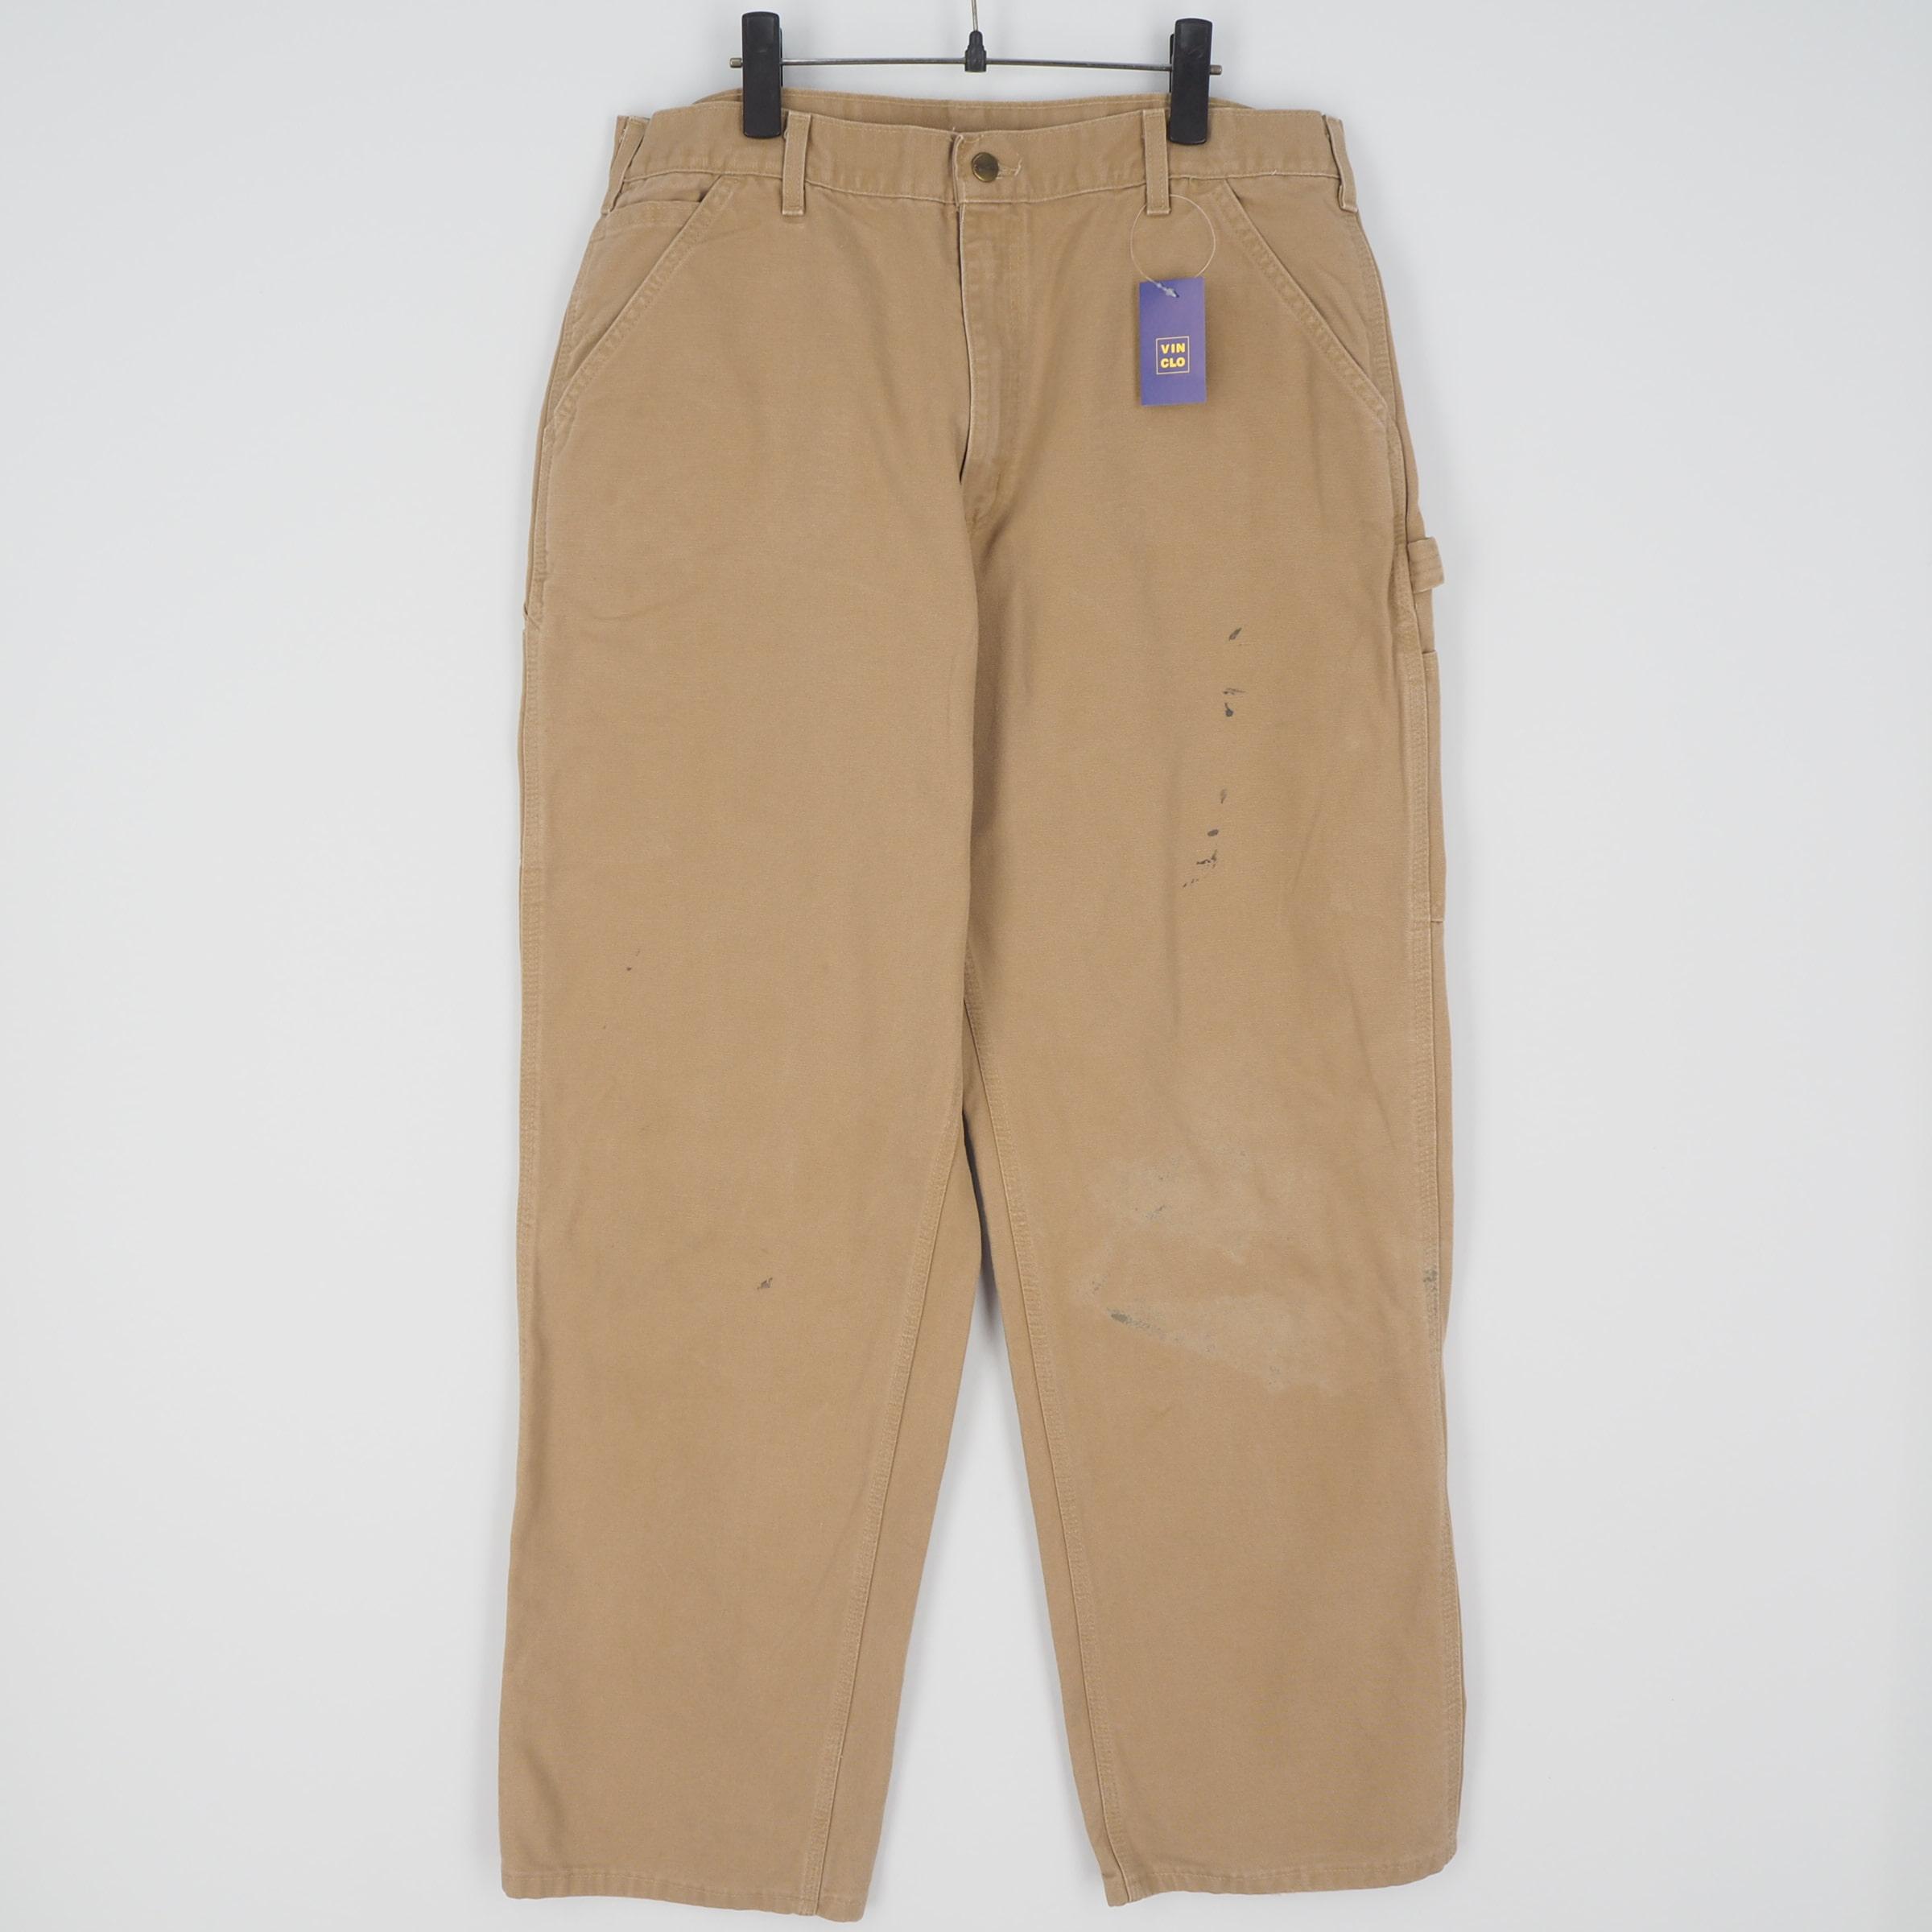 [XL] 칼하트 캐주얼 롱 팬츠